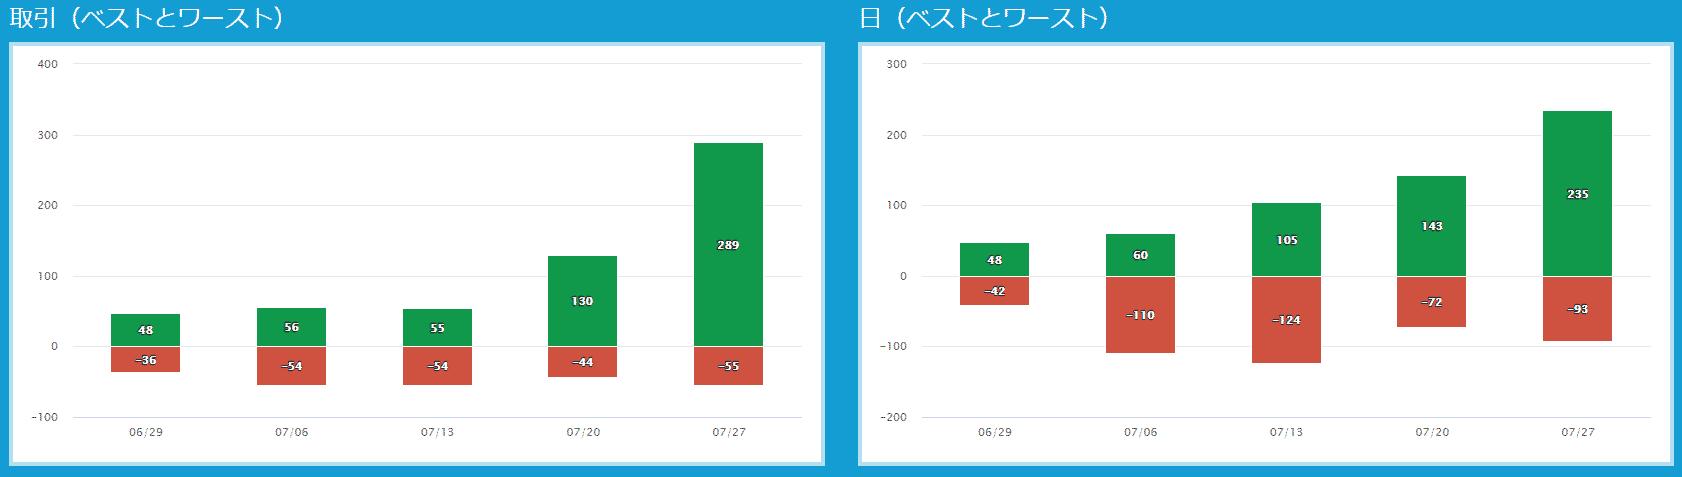 プロップトレーダーチャート153